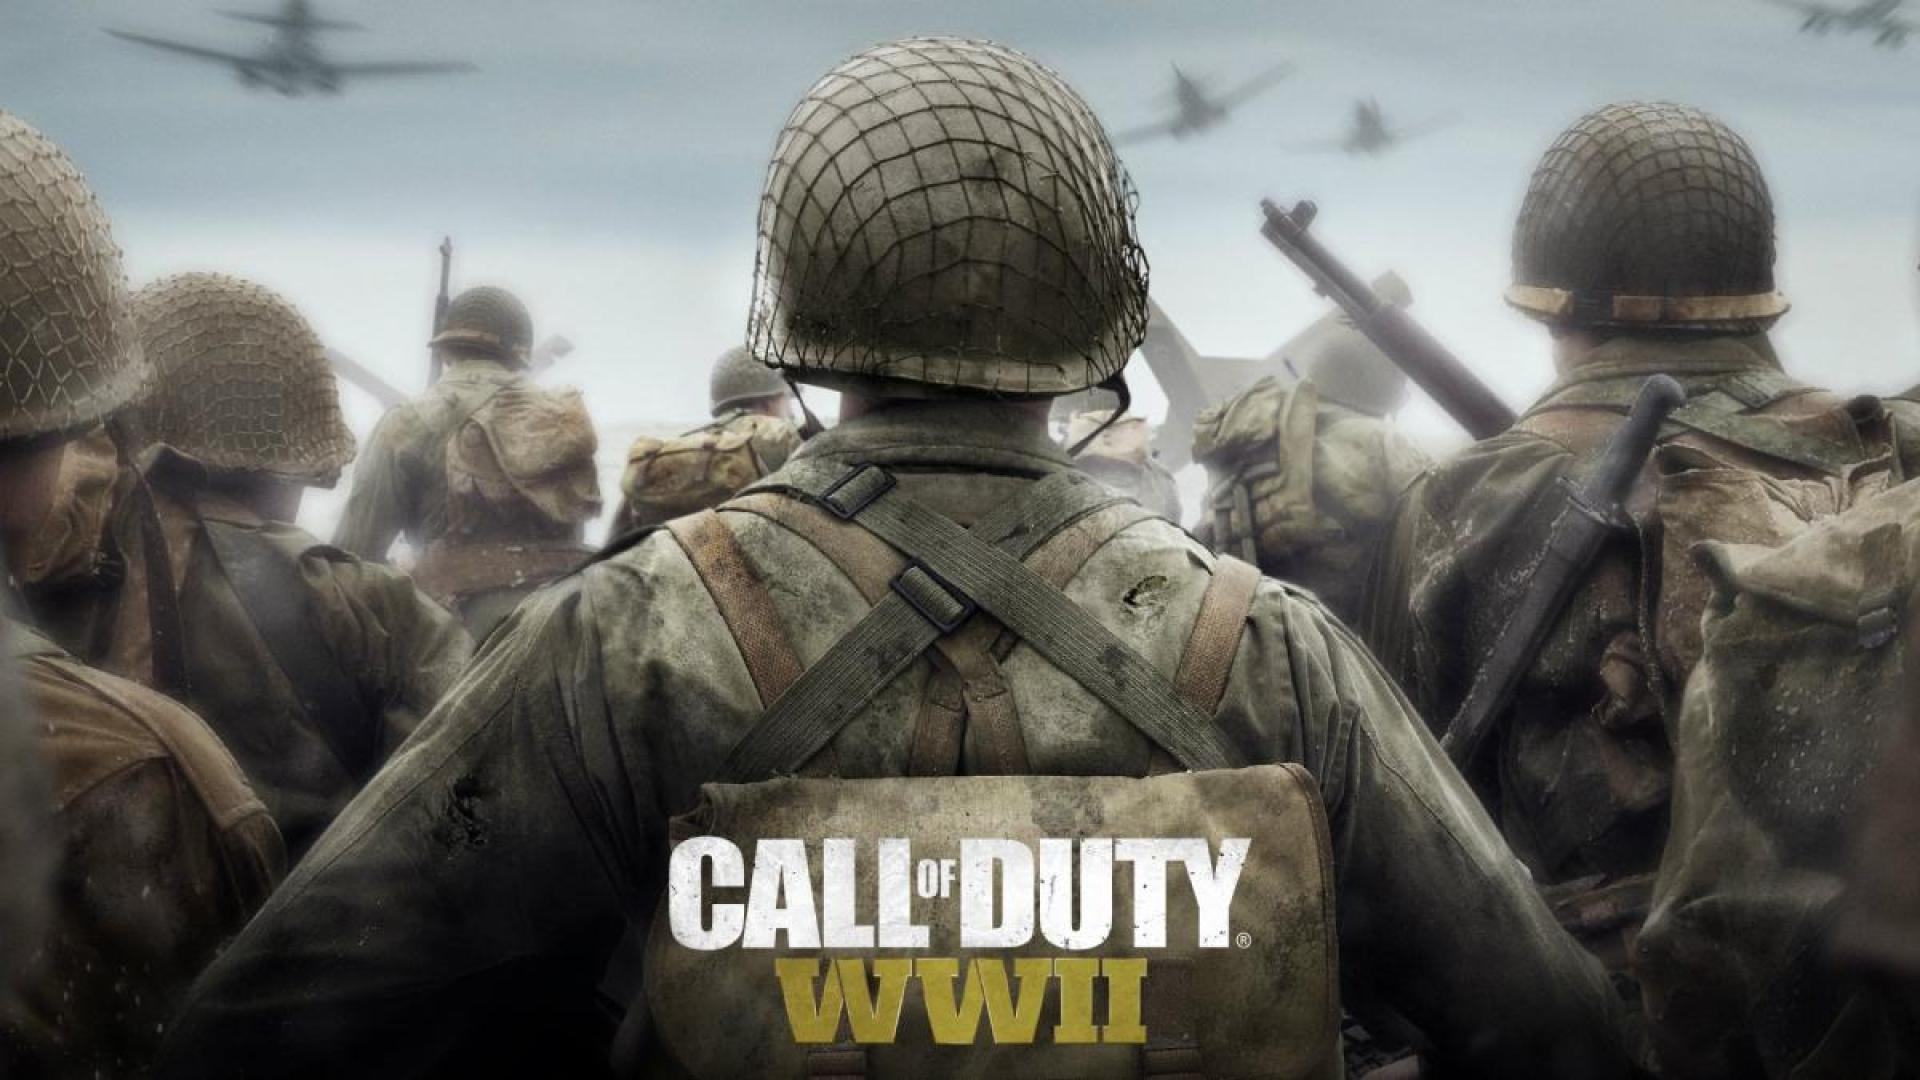 """[噂] CoD新作は""""Call of Duty WWII: Vanguard""""で開発はSledgehammer Games、舞台はパラレルワールド?"""